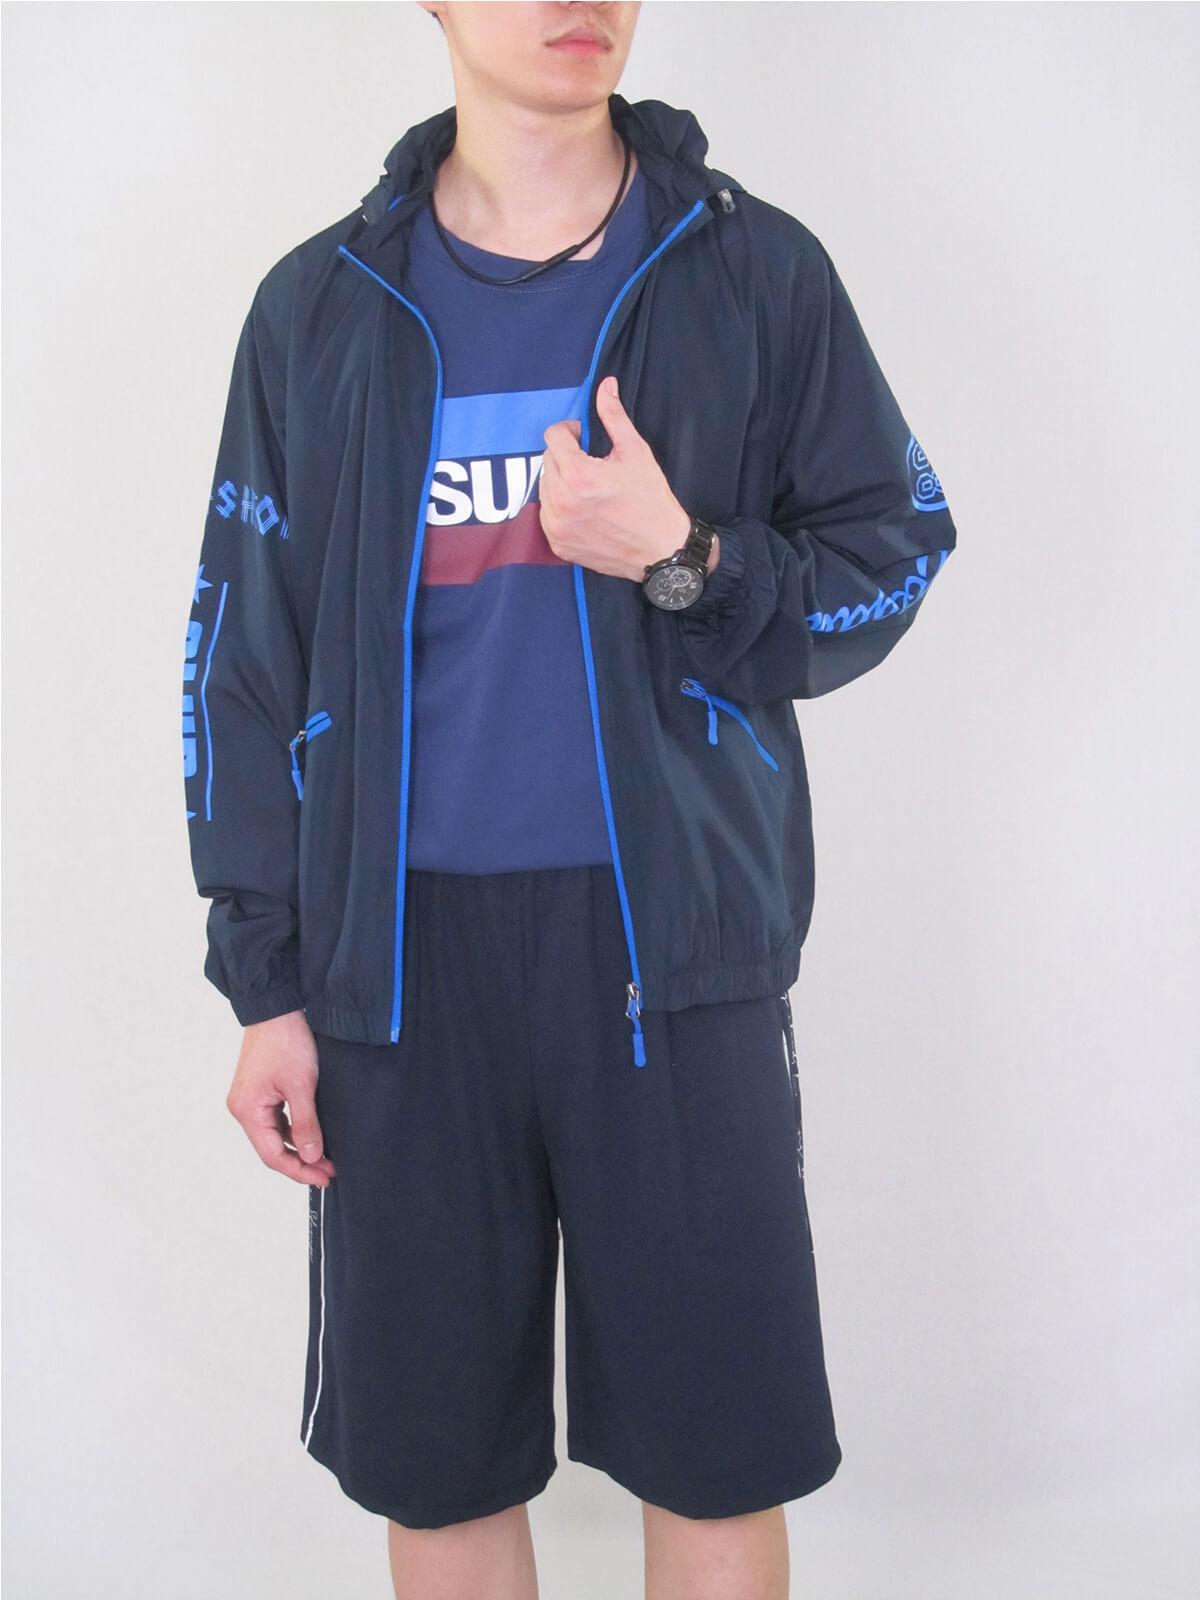 配色薄外套 遮陽防曬休閒外套 防風外套 運動暖身外套 風衣外套 JACKET (321-8878-01)螢光綠、(321-8878-02)深藍色、(321-8878-03)黑色 M L XL 2L(胸圍44~50英吋) [實體店面保障] sun-e 1